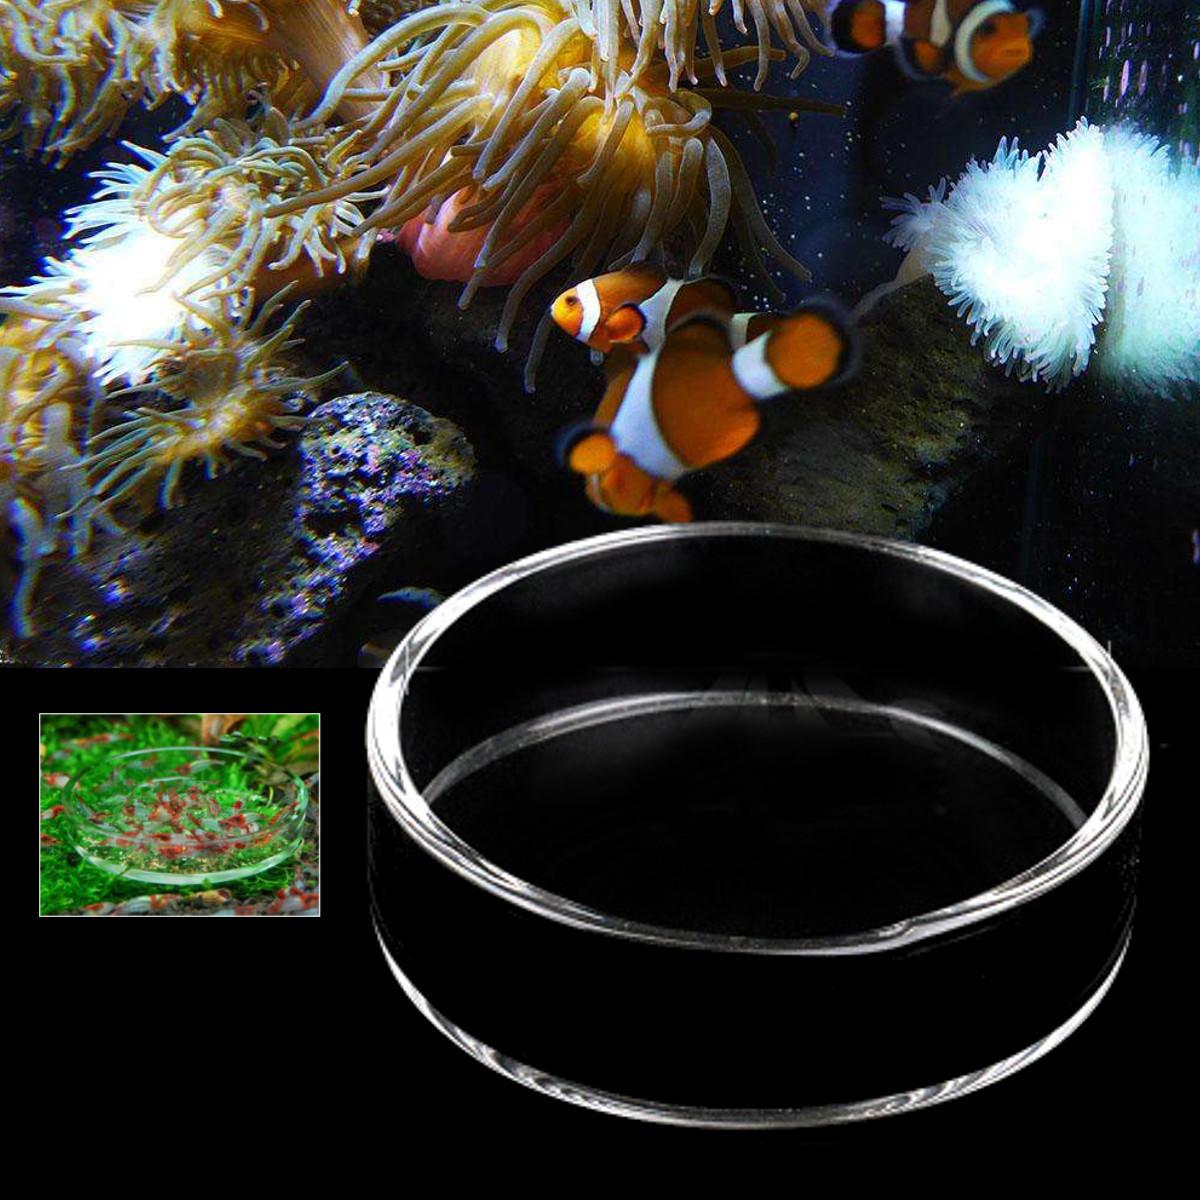 Transparente Acuario Tanque de pescado Vidrio Camarones Alimentación Alimento Plato Alimentador Bandeja Alimentador de pescado